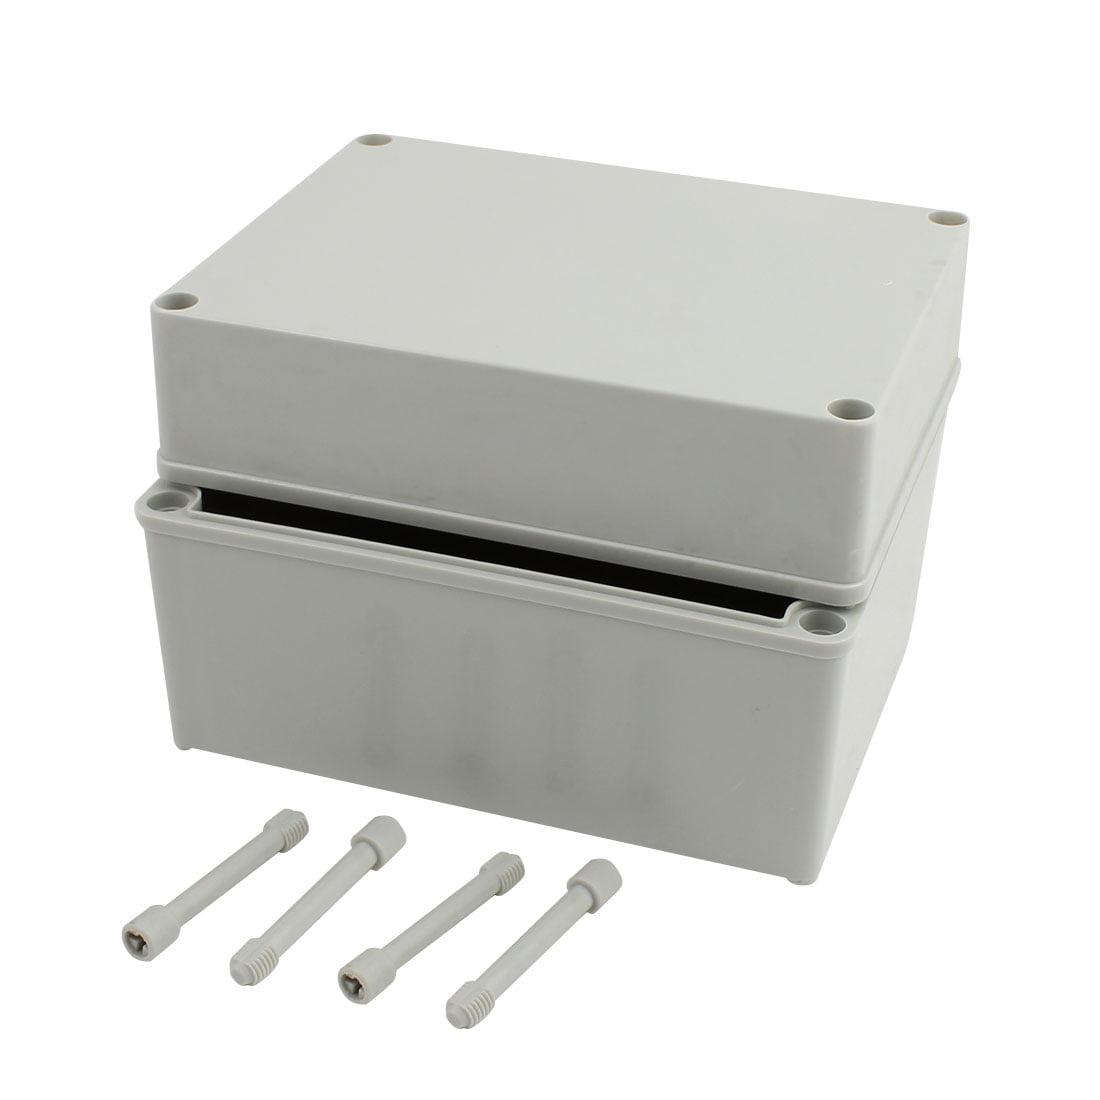 200mmx150mmx130mm Anti poussière IP65 bo te jonction DIY bo te gris bo tier - image 5 de 5